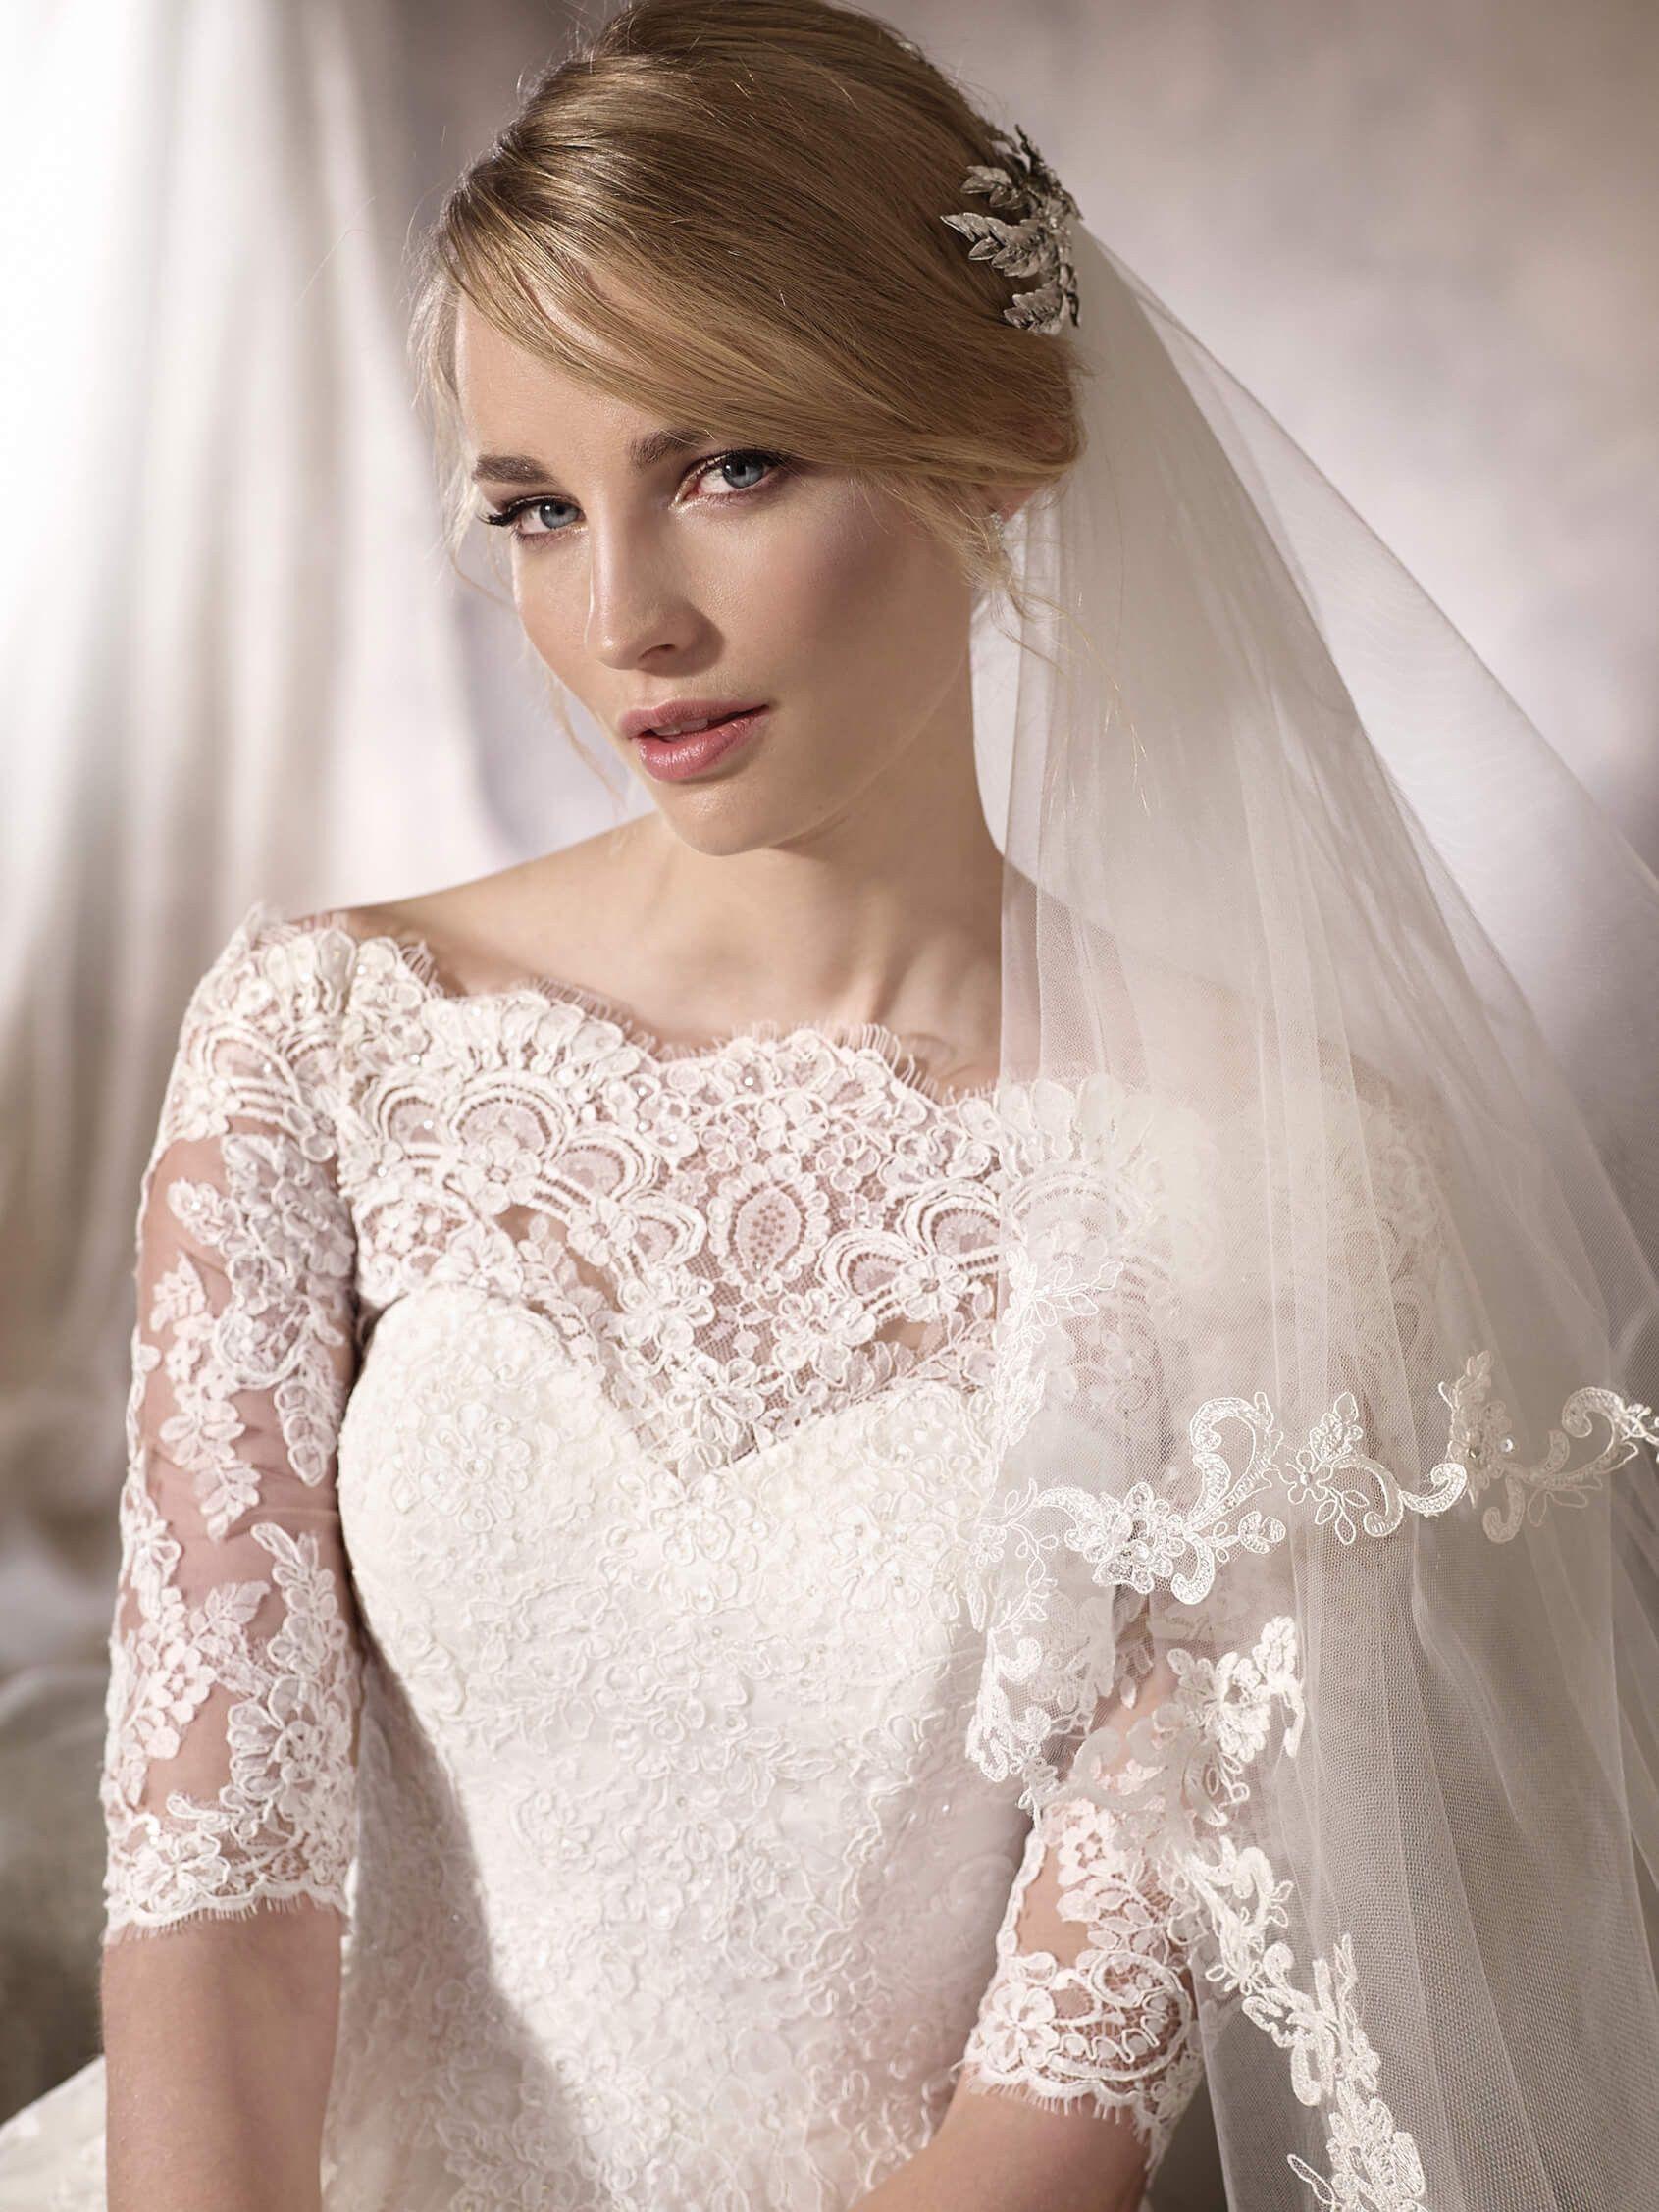 Haloke Best Of The Best Wedding Dresses Wedding I Bridal